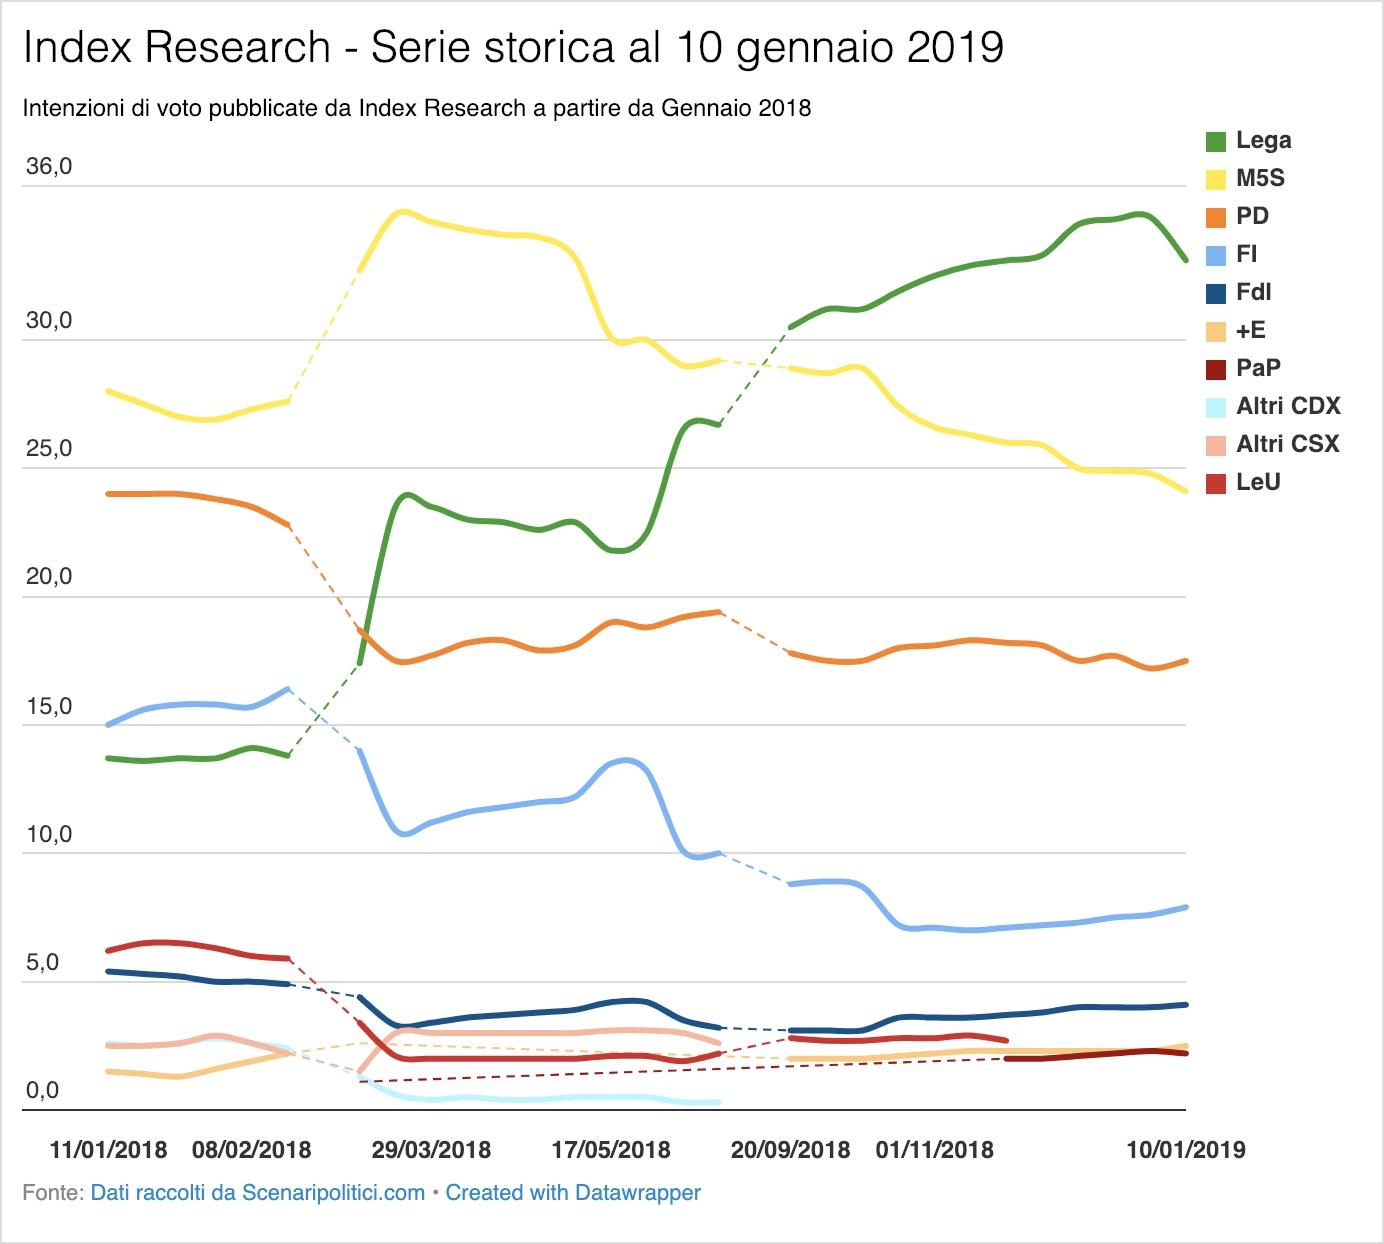 SondaggioIndex Research 10 gennaio 2019